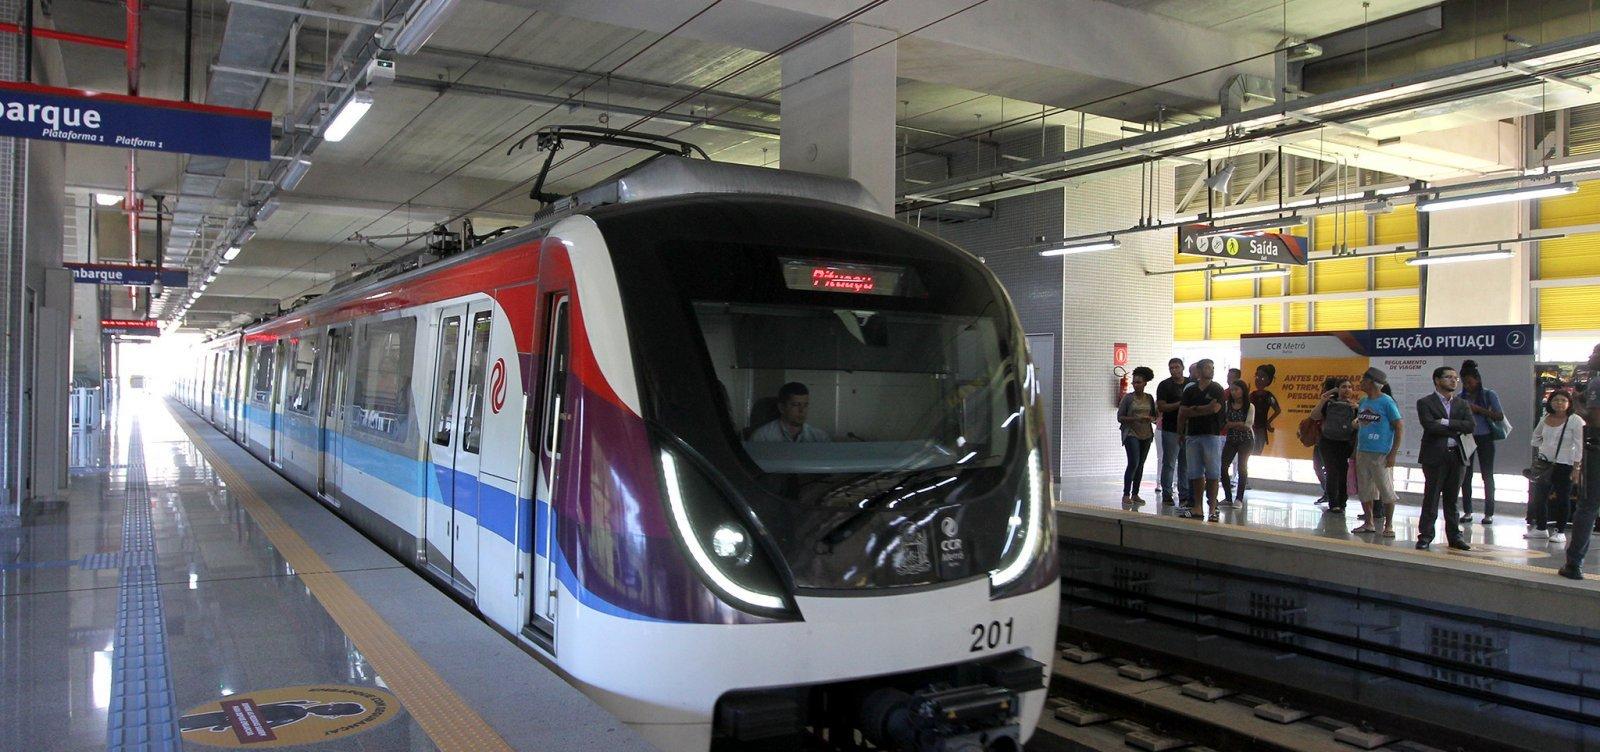 Metrô de Salvador altera funcionamento até 29 de junho; confira horários